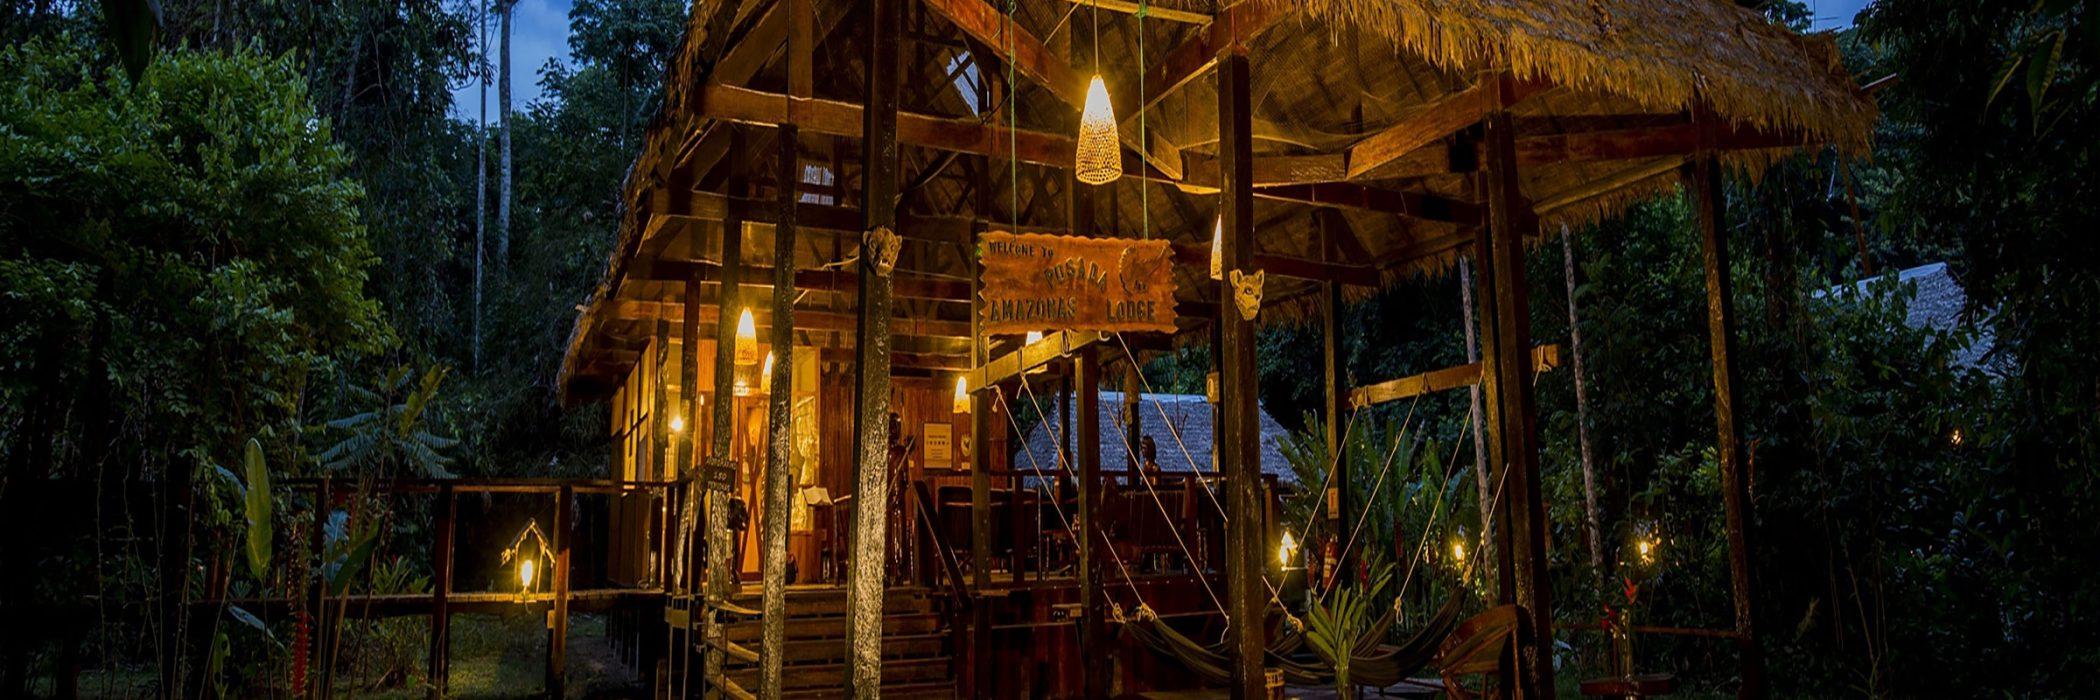 AMAZON BASIN PERU TOURS